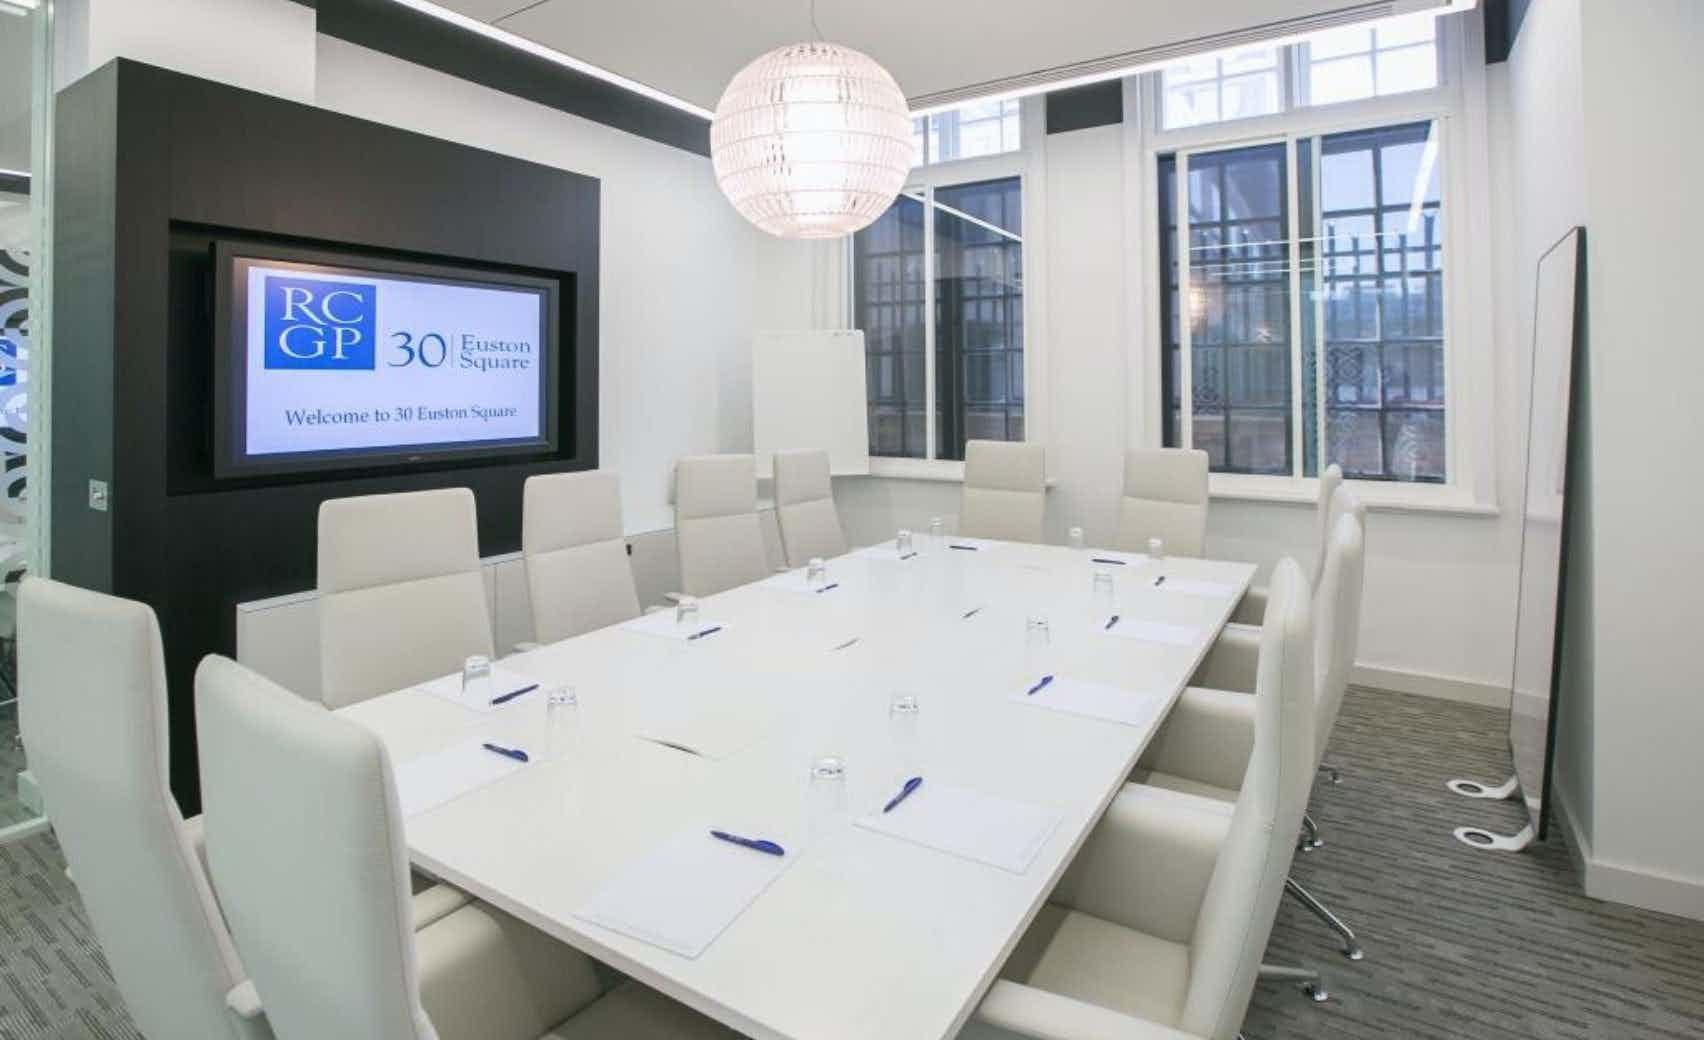 Ground Floor Meeting Room 11, 30 Euston Square